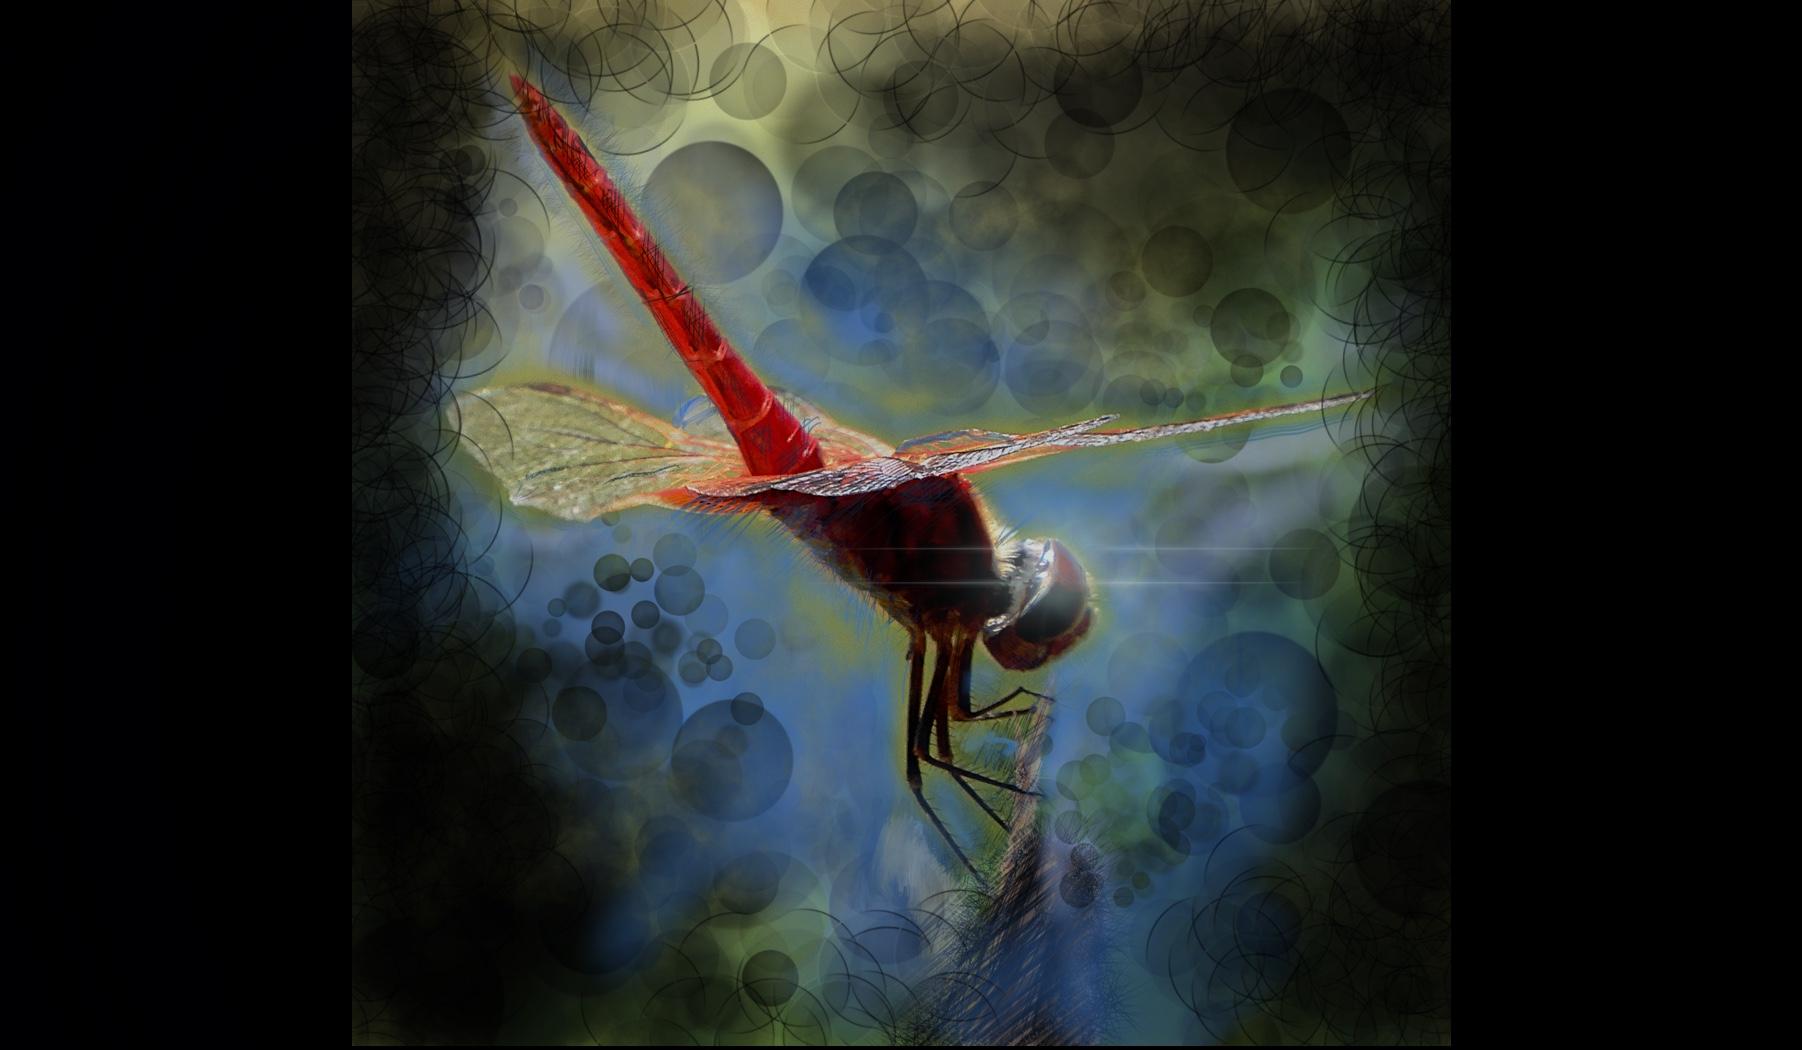 Dragonflies under Moonlight